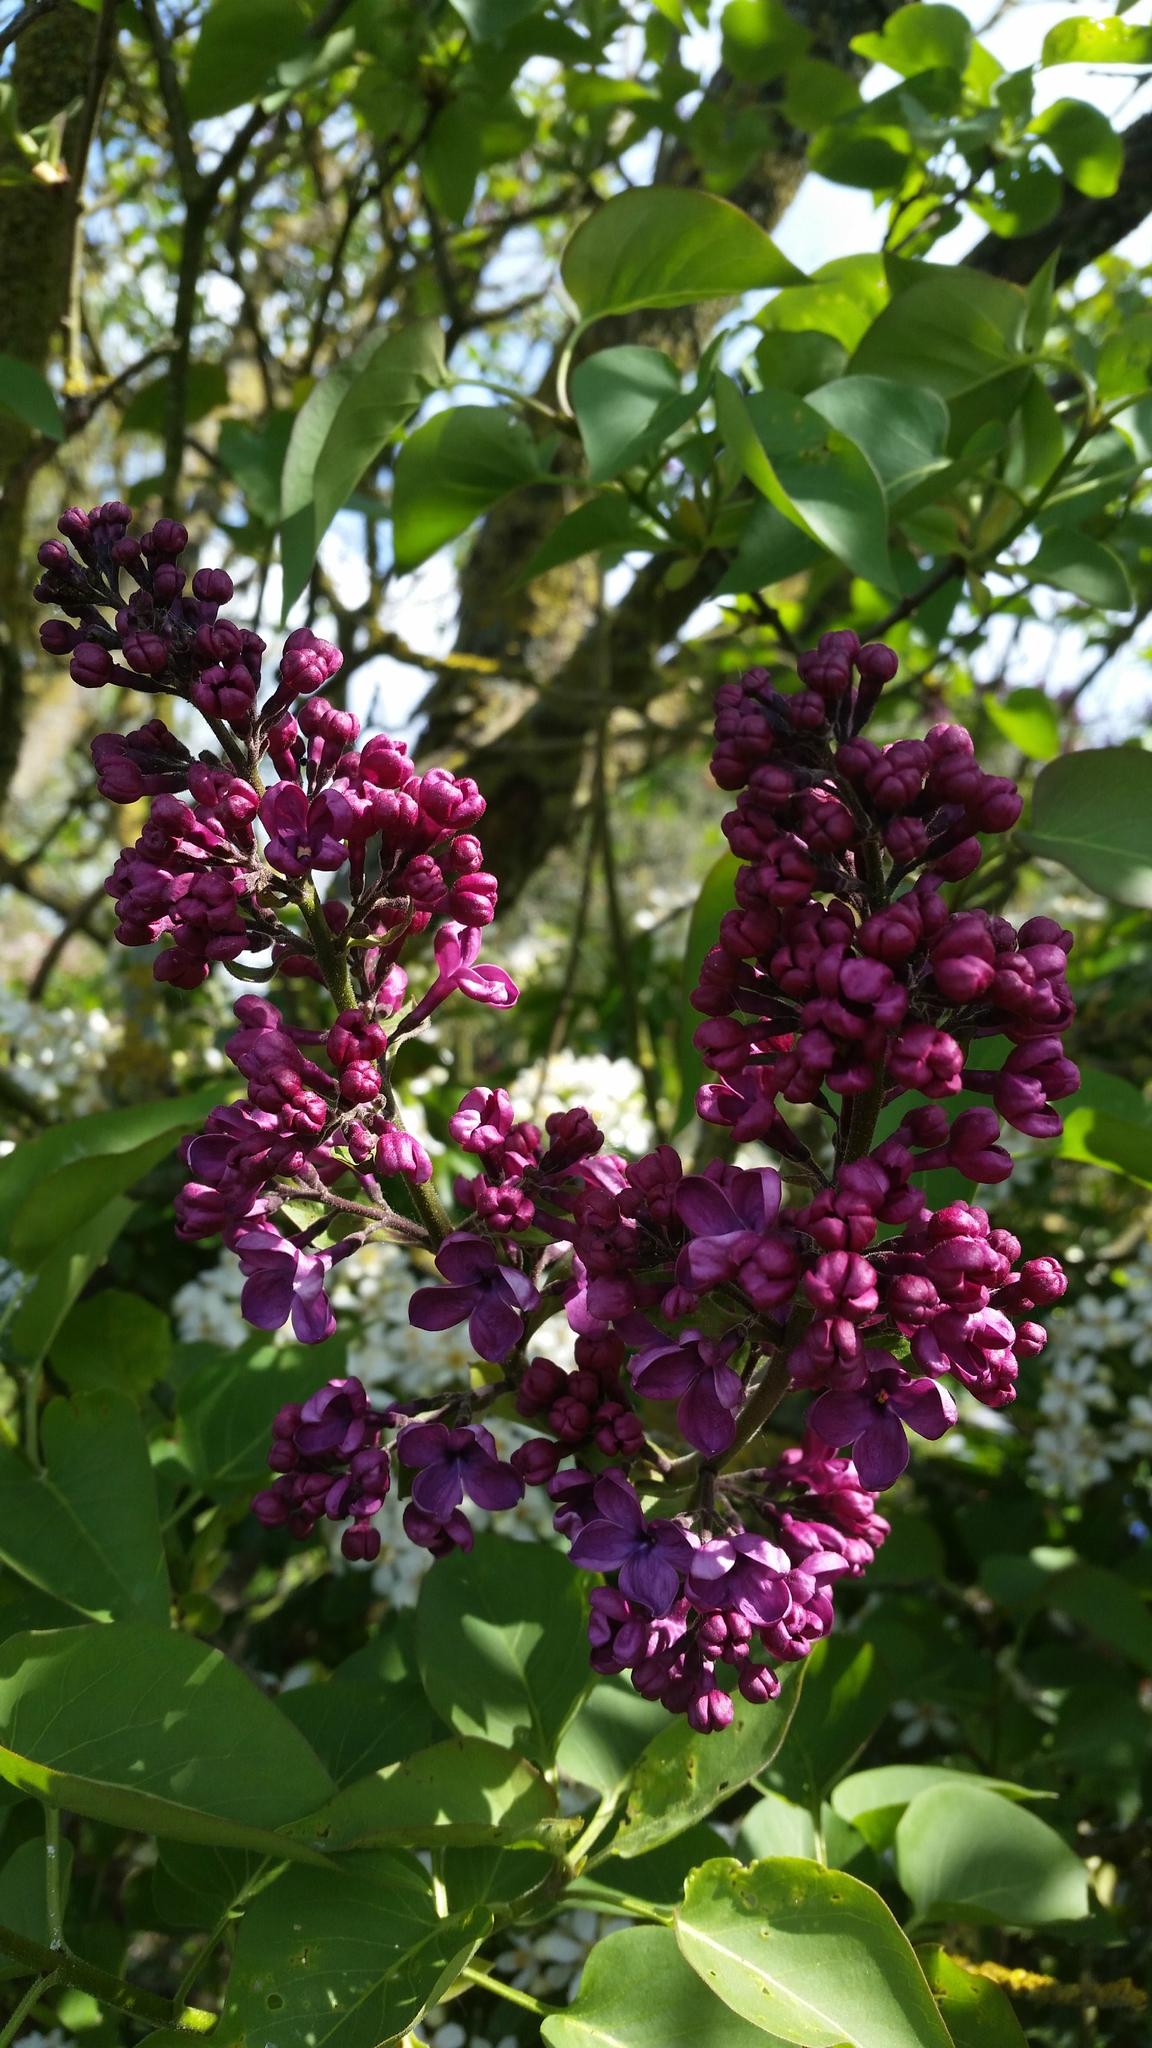 Au jardin de mon p re les lilas sont fleuris par for Au jardin de mon pere camping